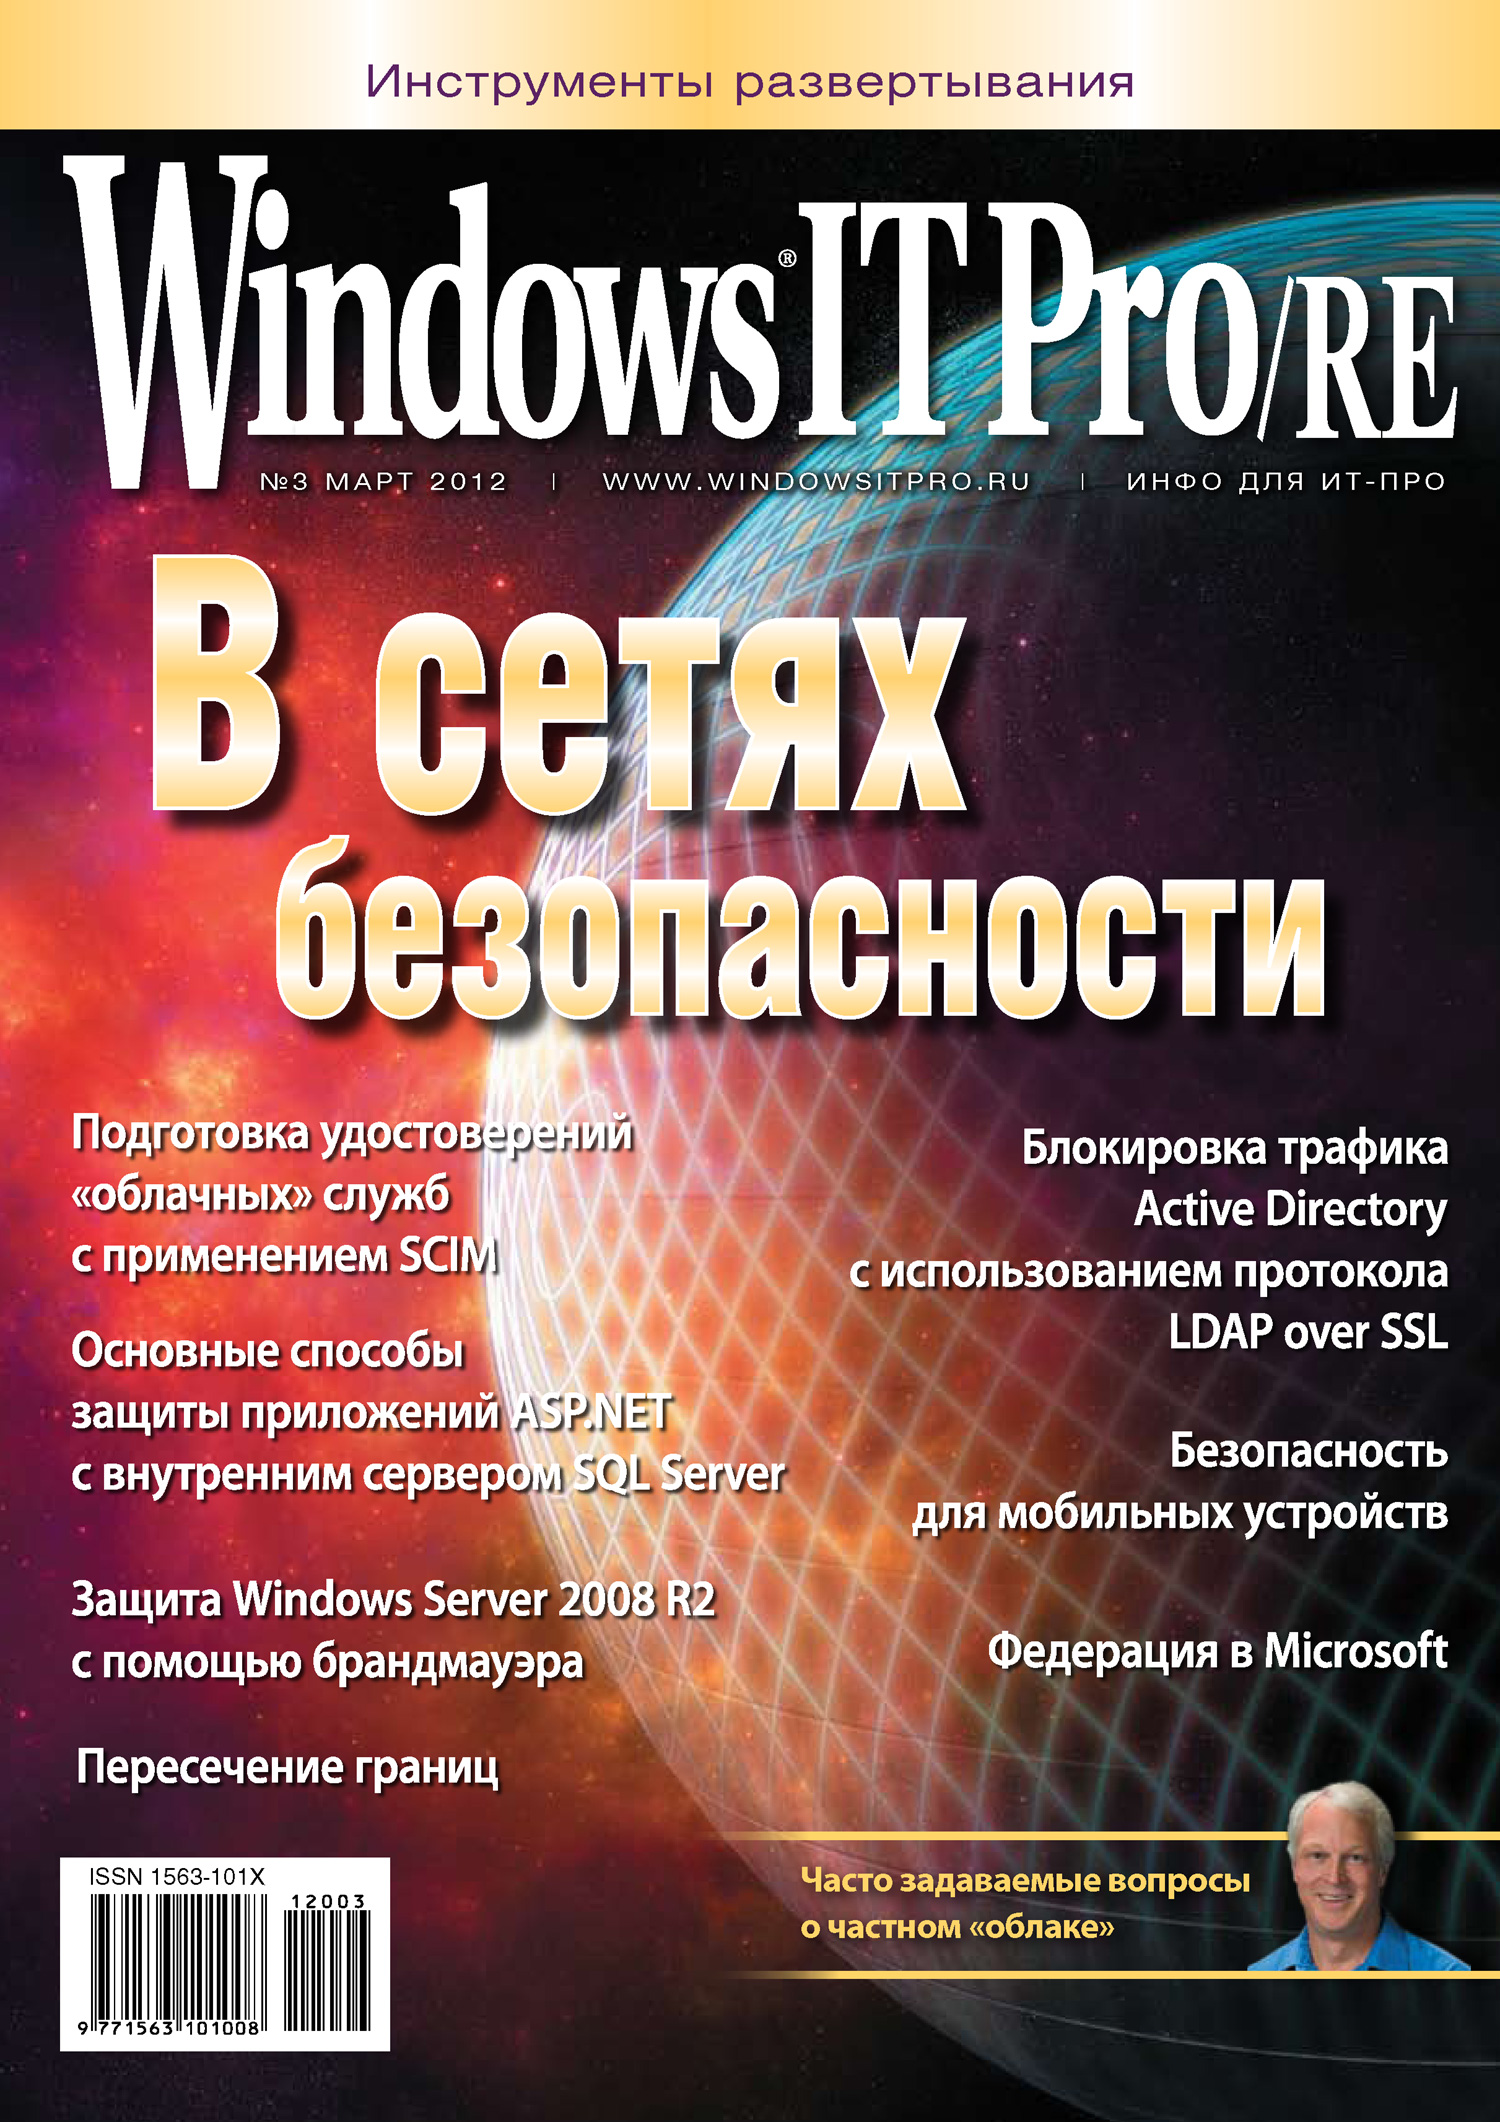 Windows IT Pro/RE№03/2012